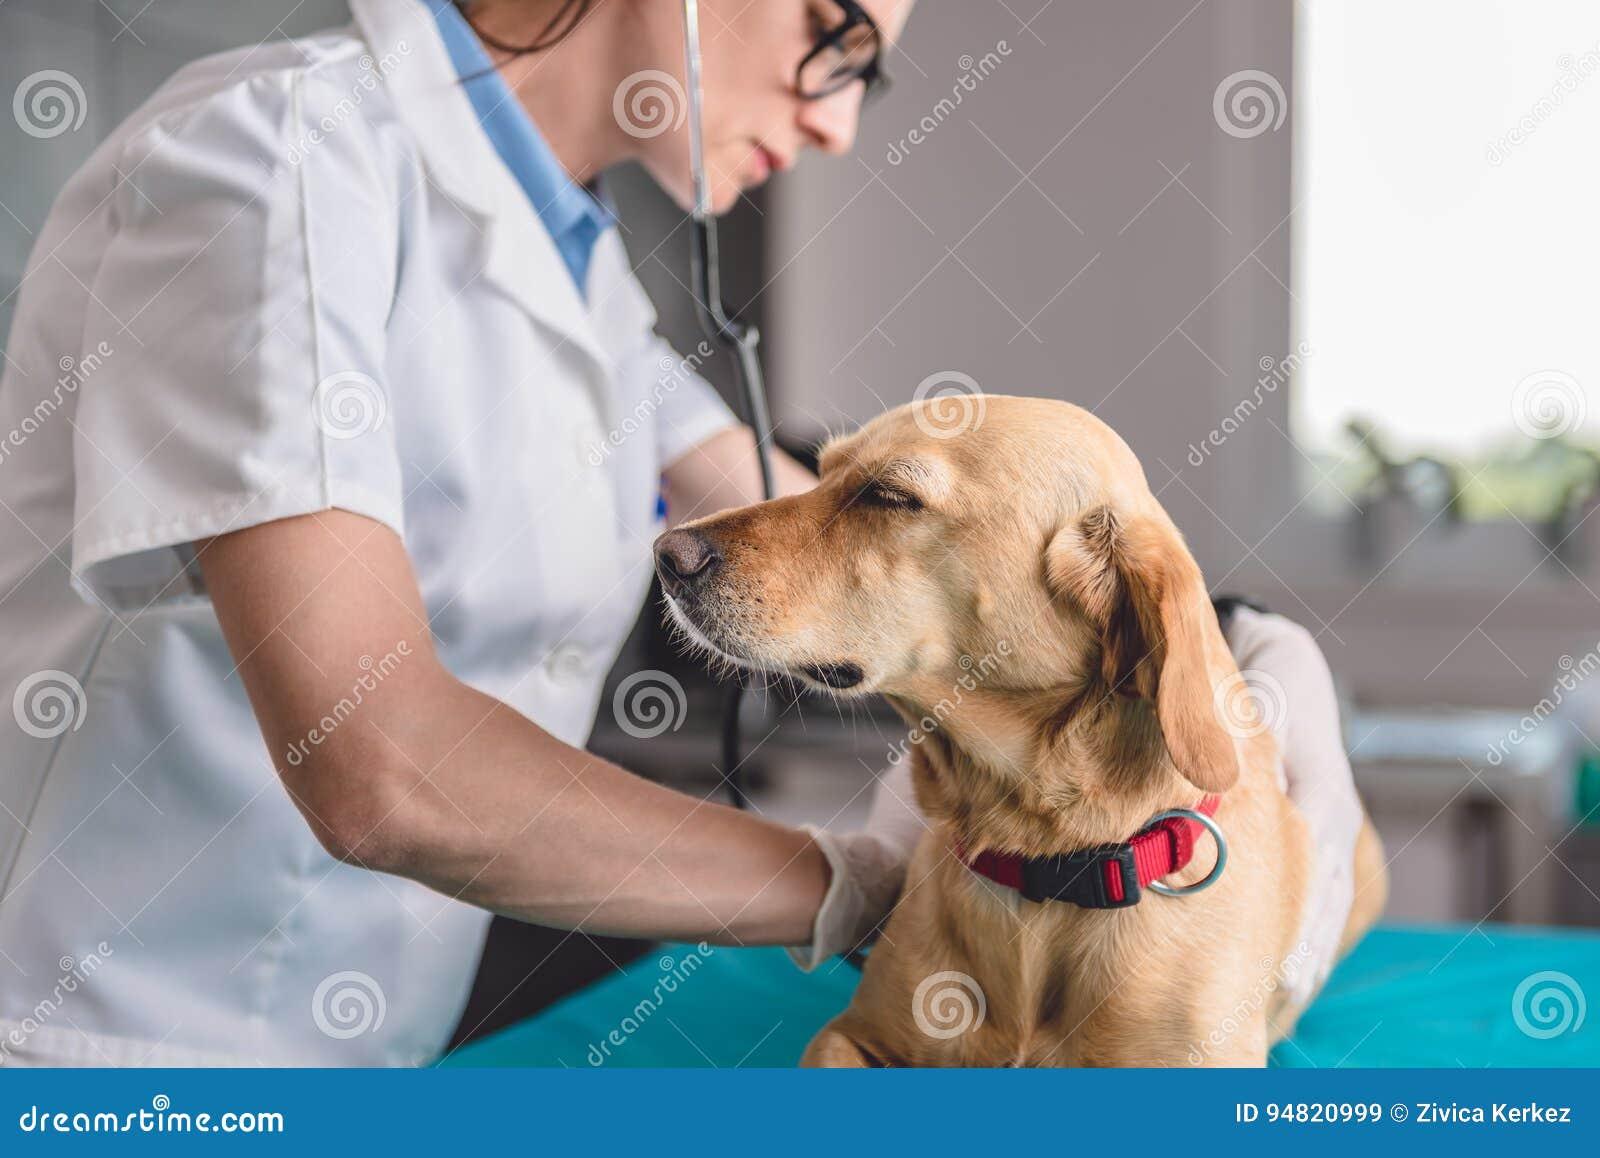 Зооветеринарная рассматривая собака